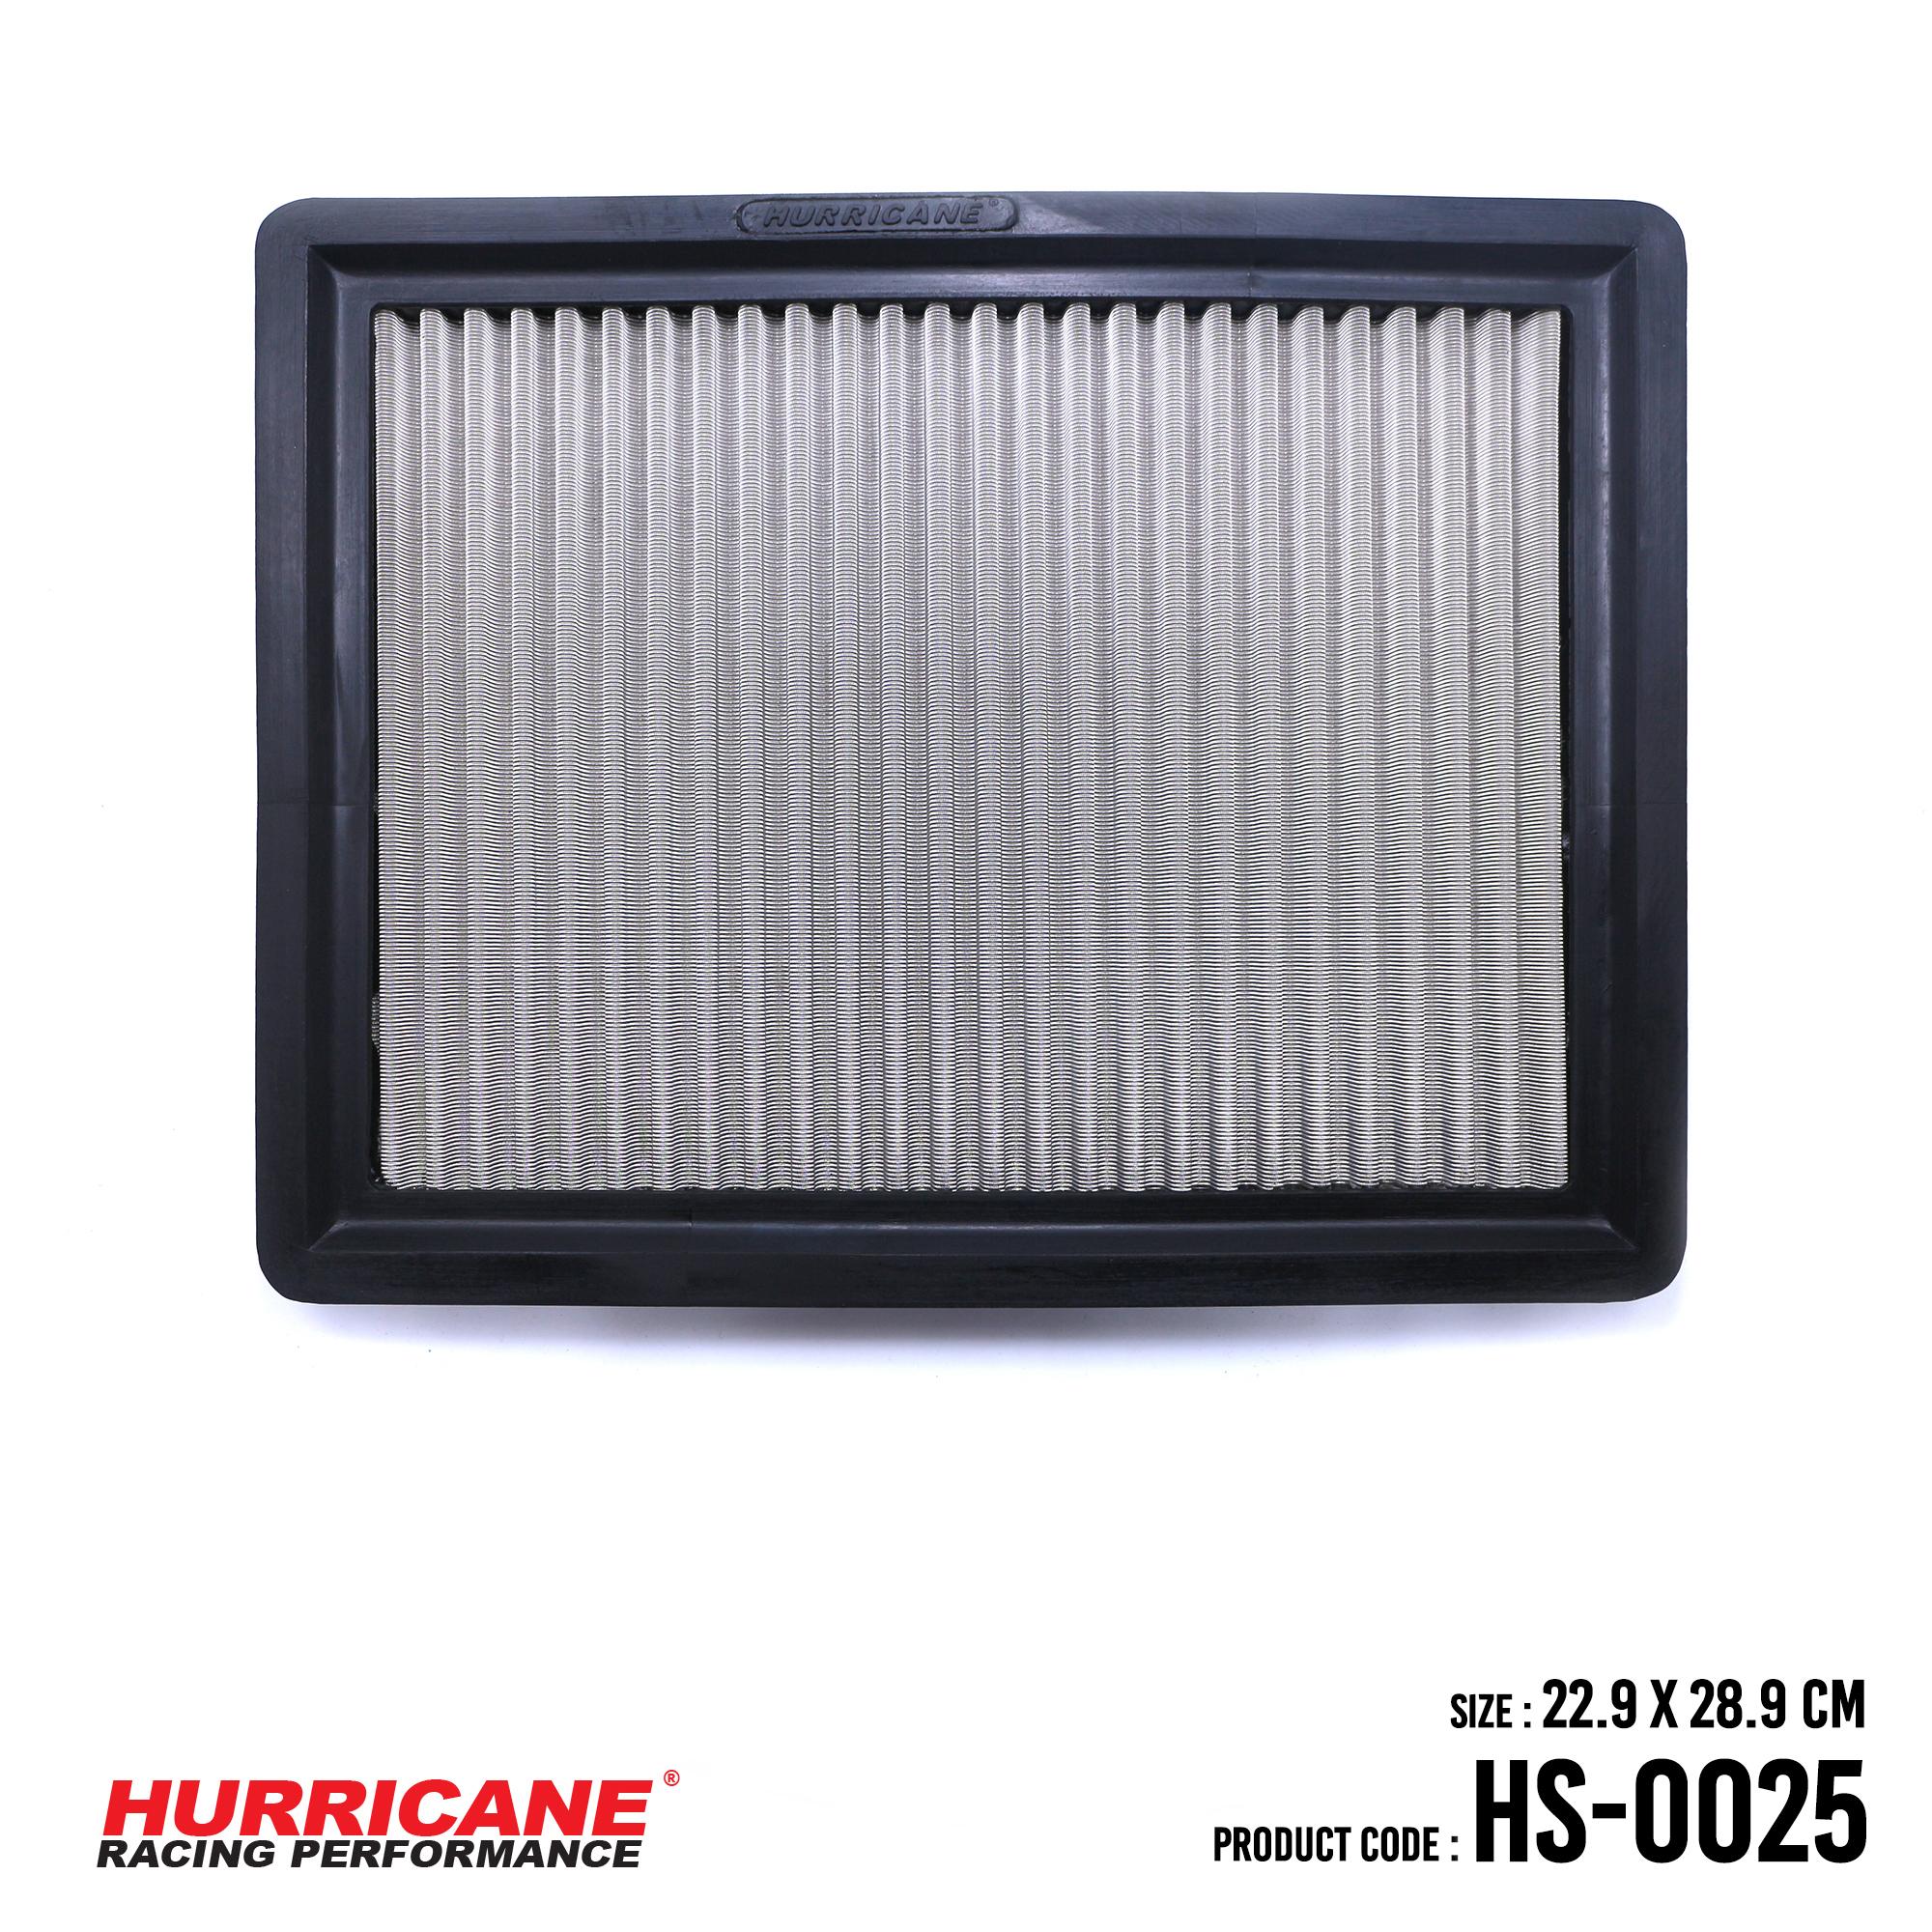 HURRICANE STAINLESS STEEL AIR FILTER FOR HS-0025 FordHolden